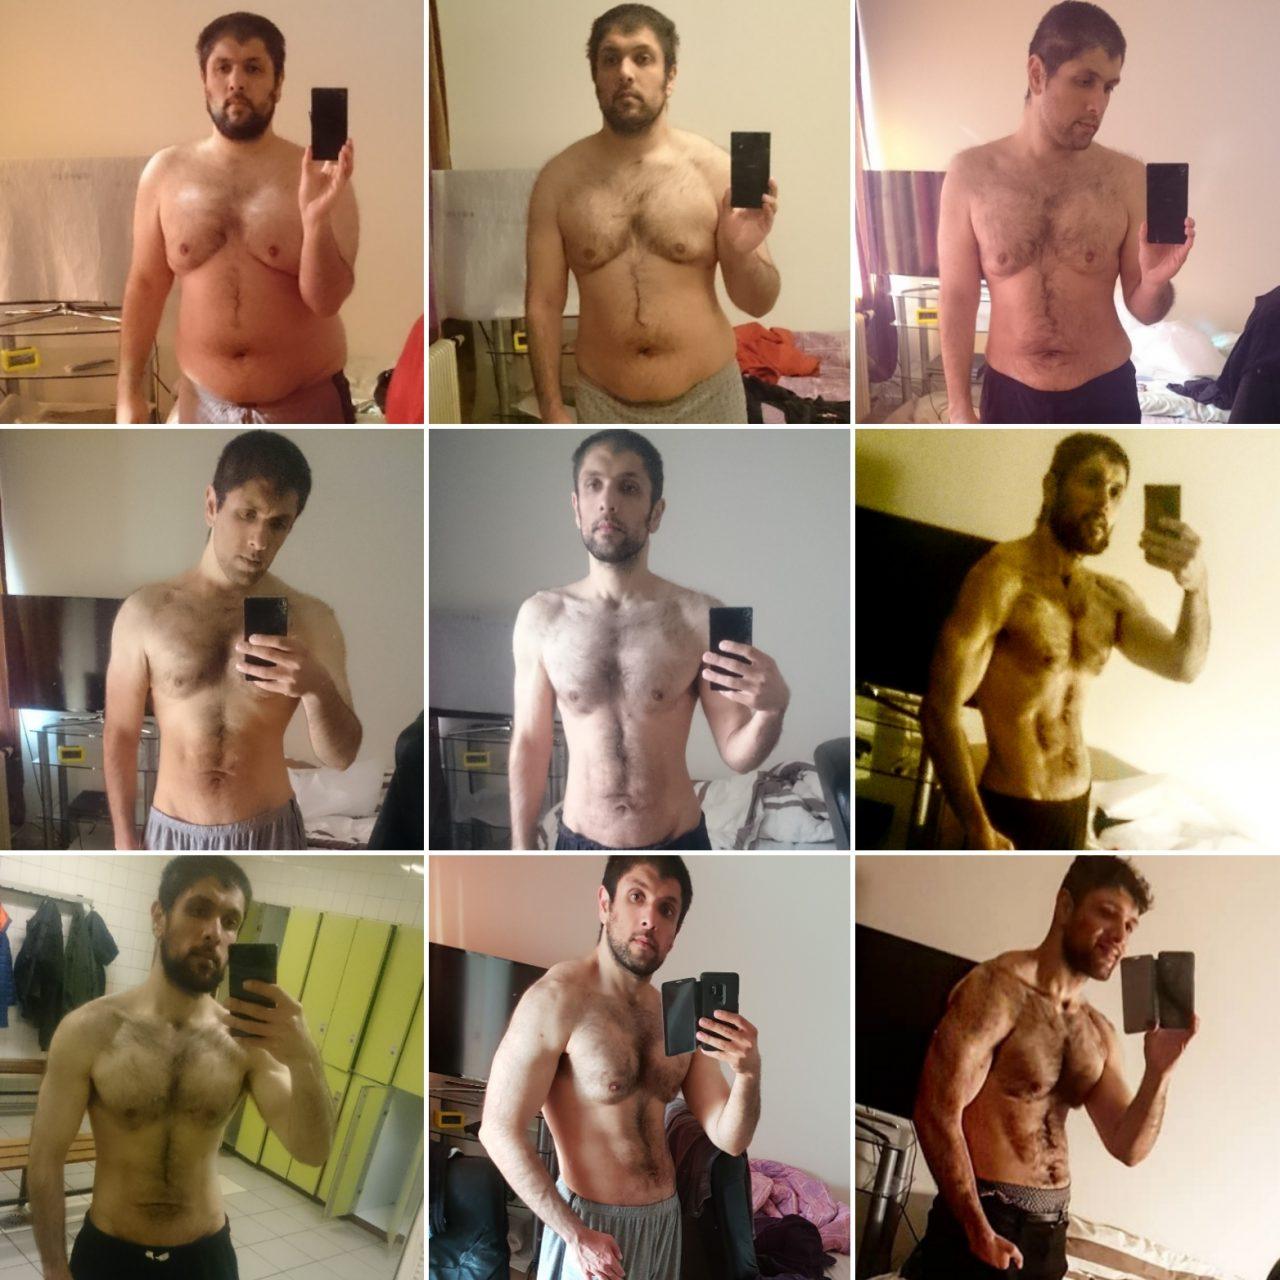 El resultado de 2.5 años de ejercicio